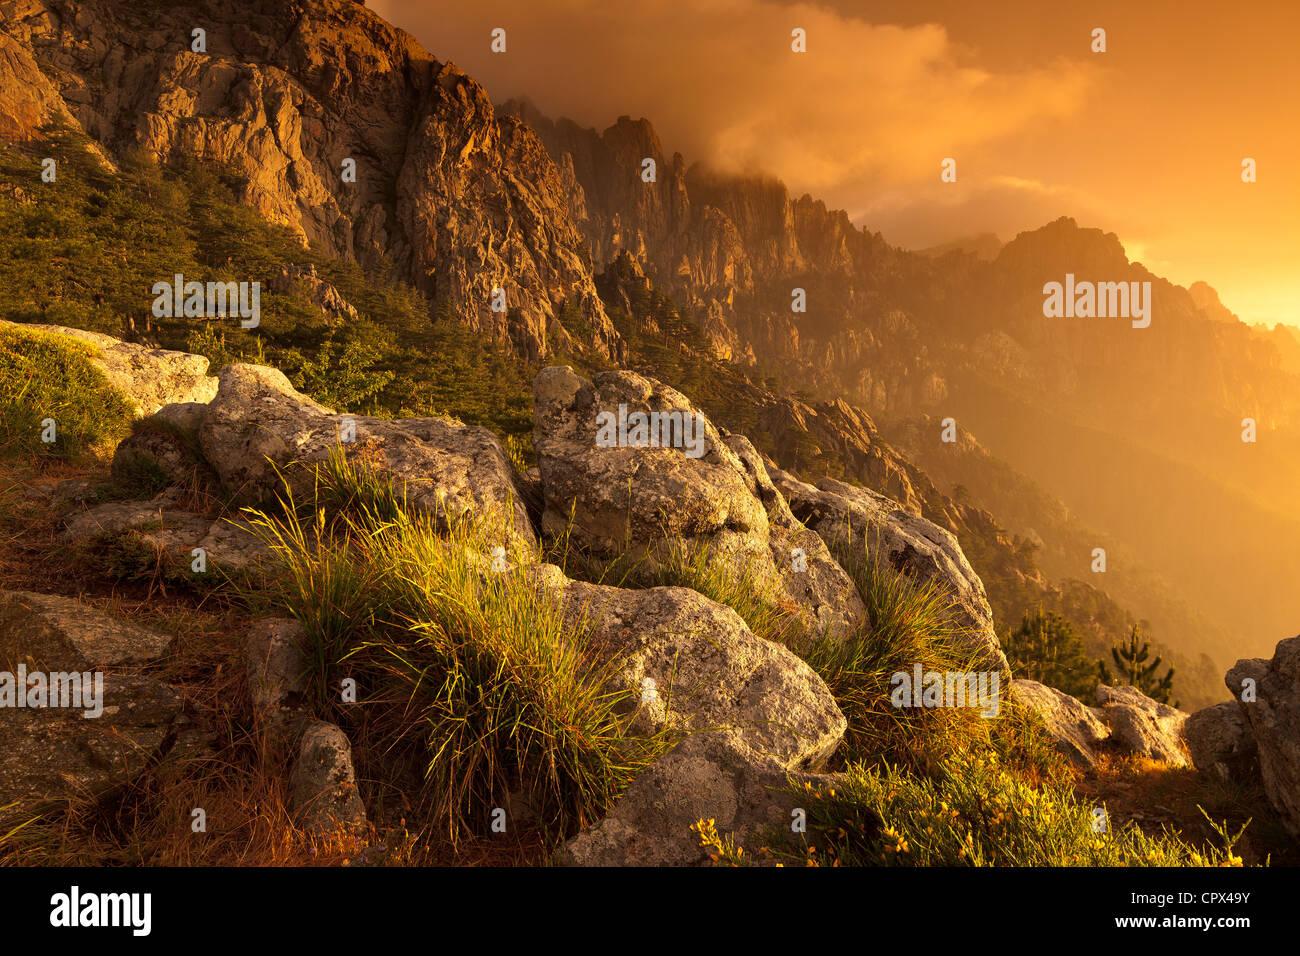 der Col de Bavella in der Morgendämmerung, Korsika, Frankreich Stockbild